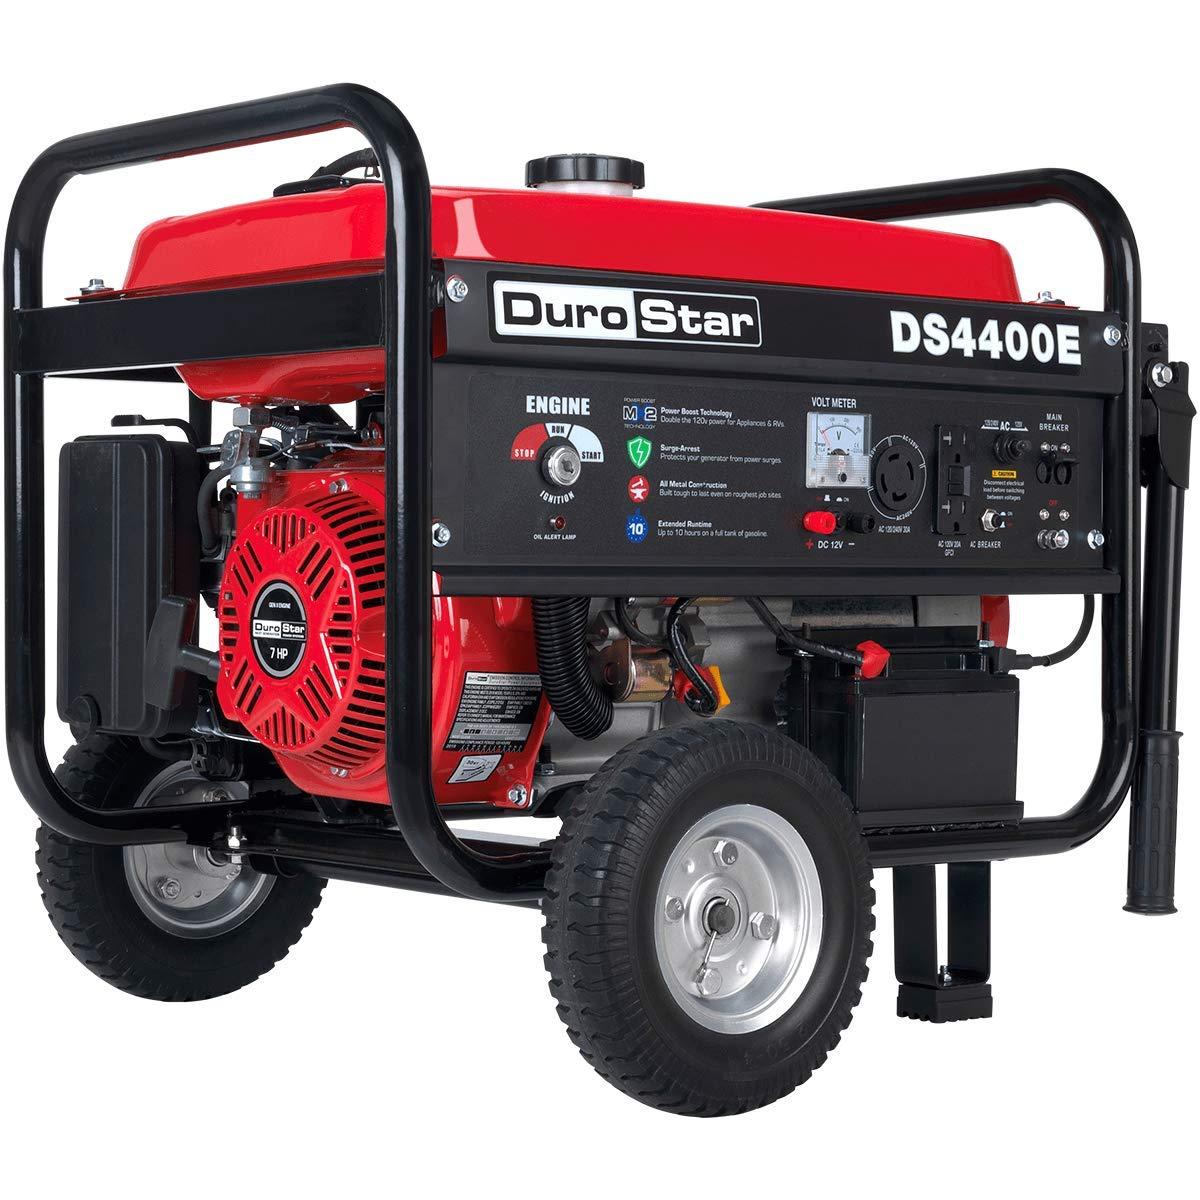 DuroStar 4400/3500 Watt Generator